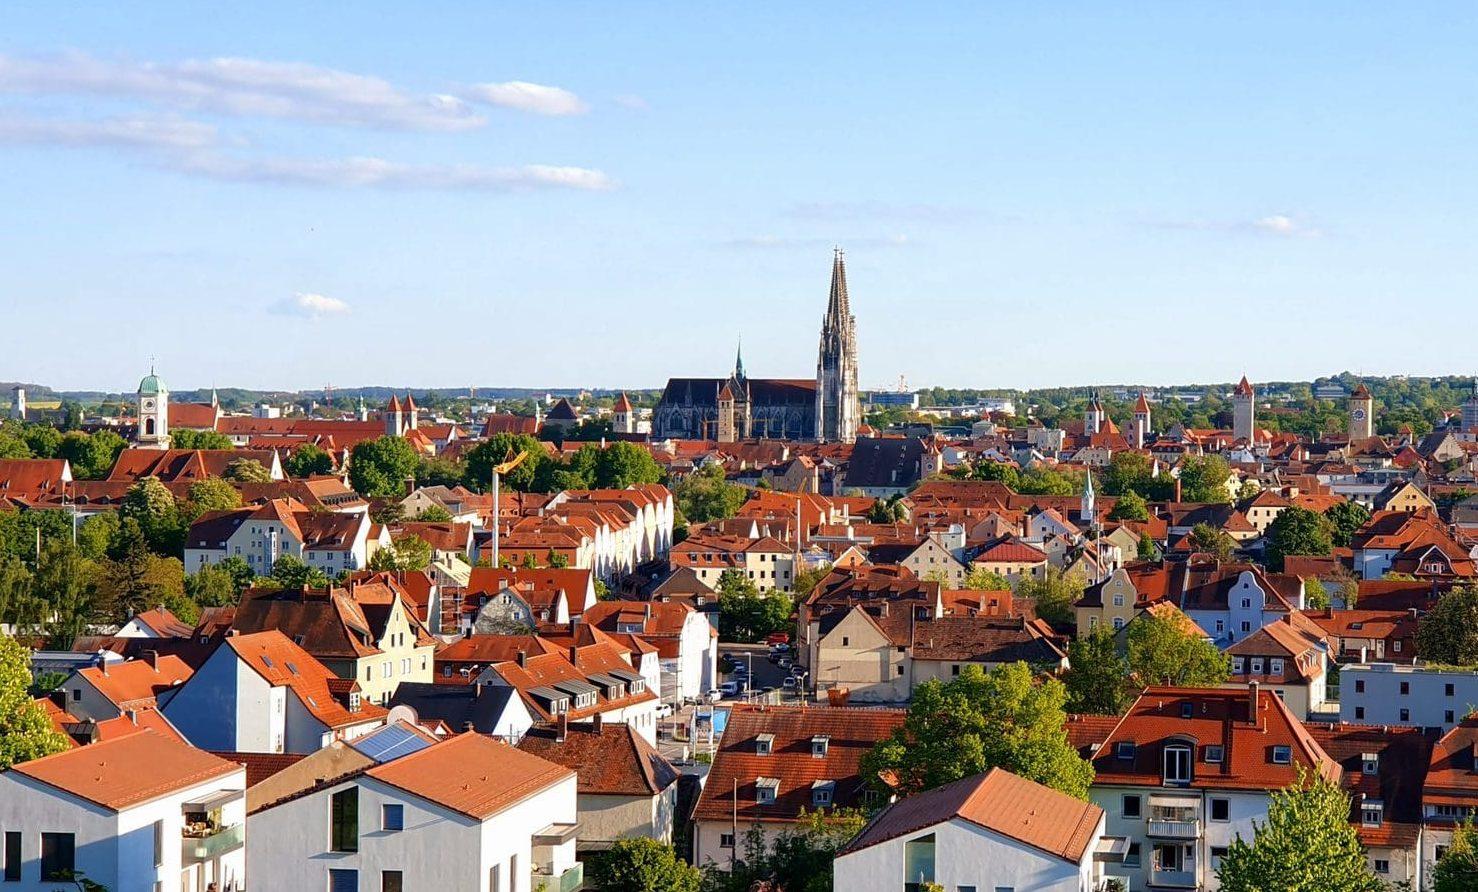 Gönn Dir Regensburg! Die eigene Stadt als Tourist erleben und tolle Preise abräumen